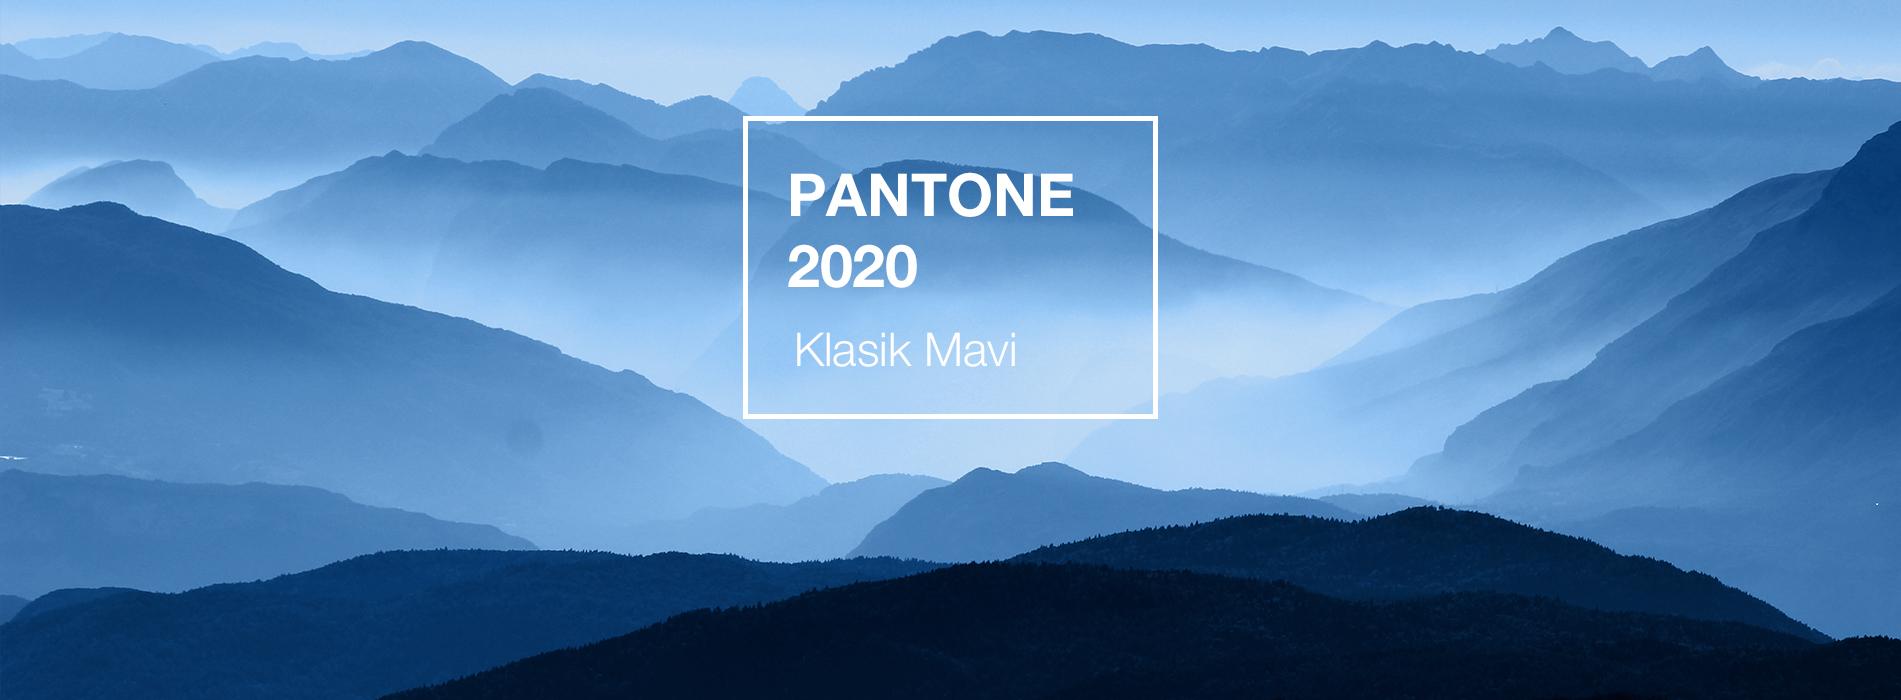 Pantone 2020 Klasik Mavi